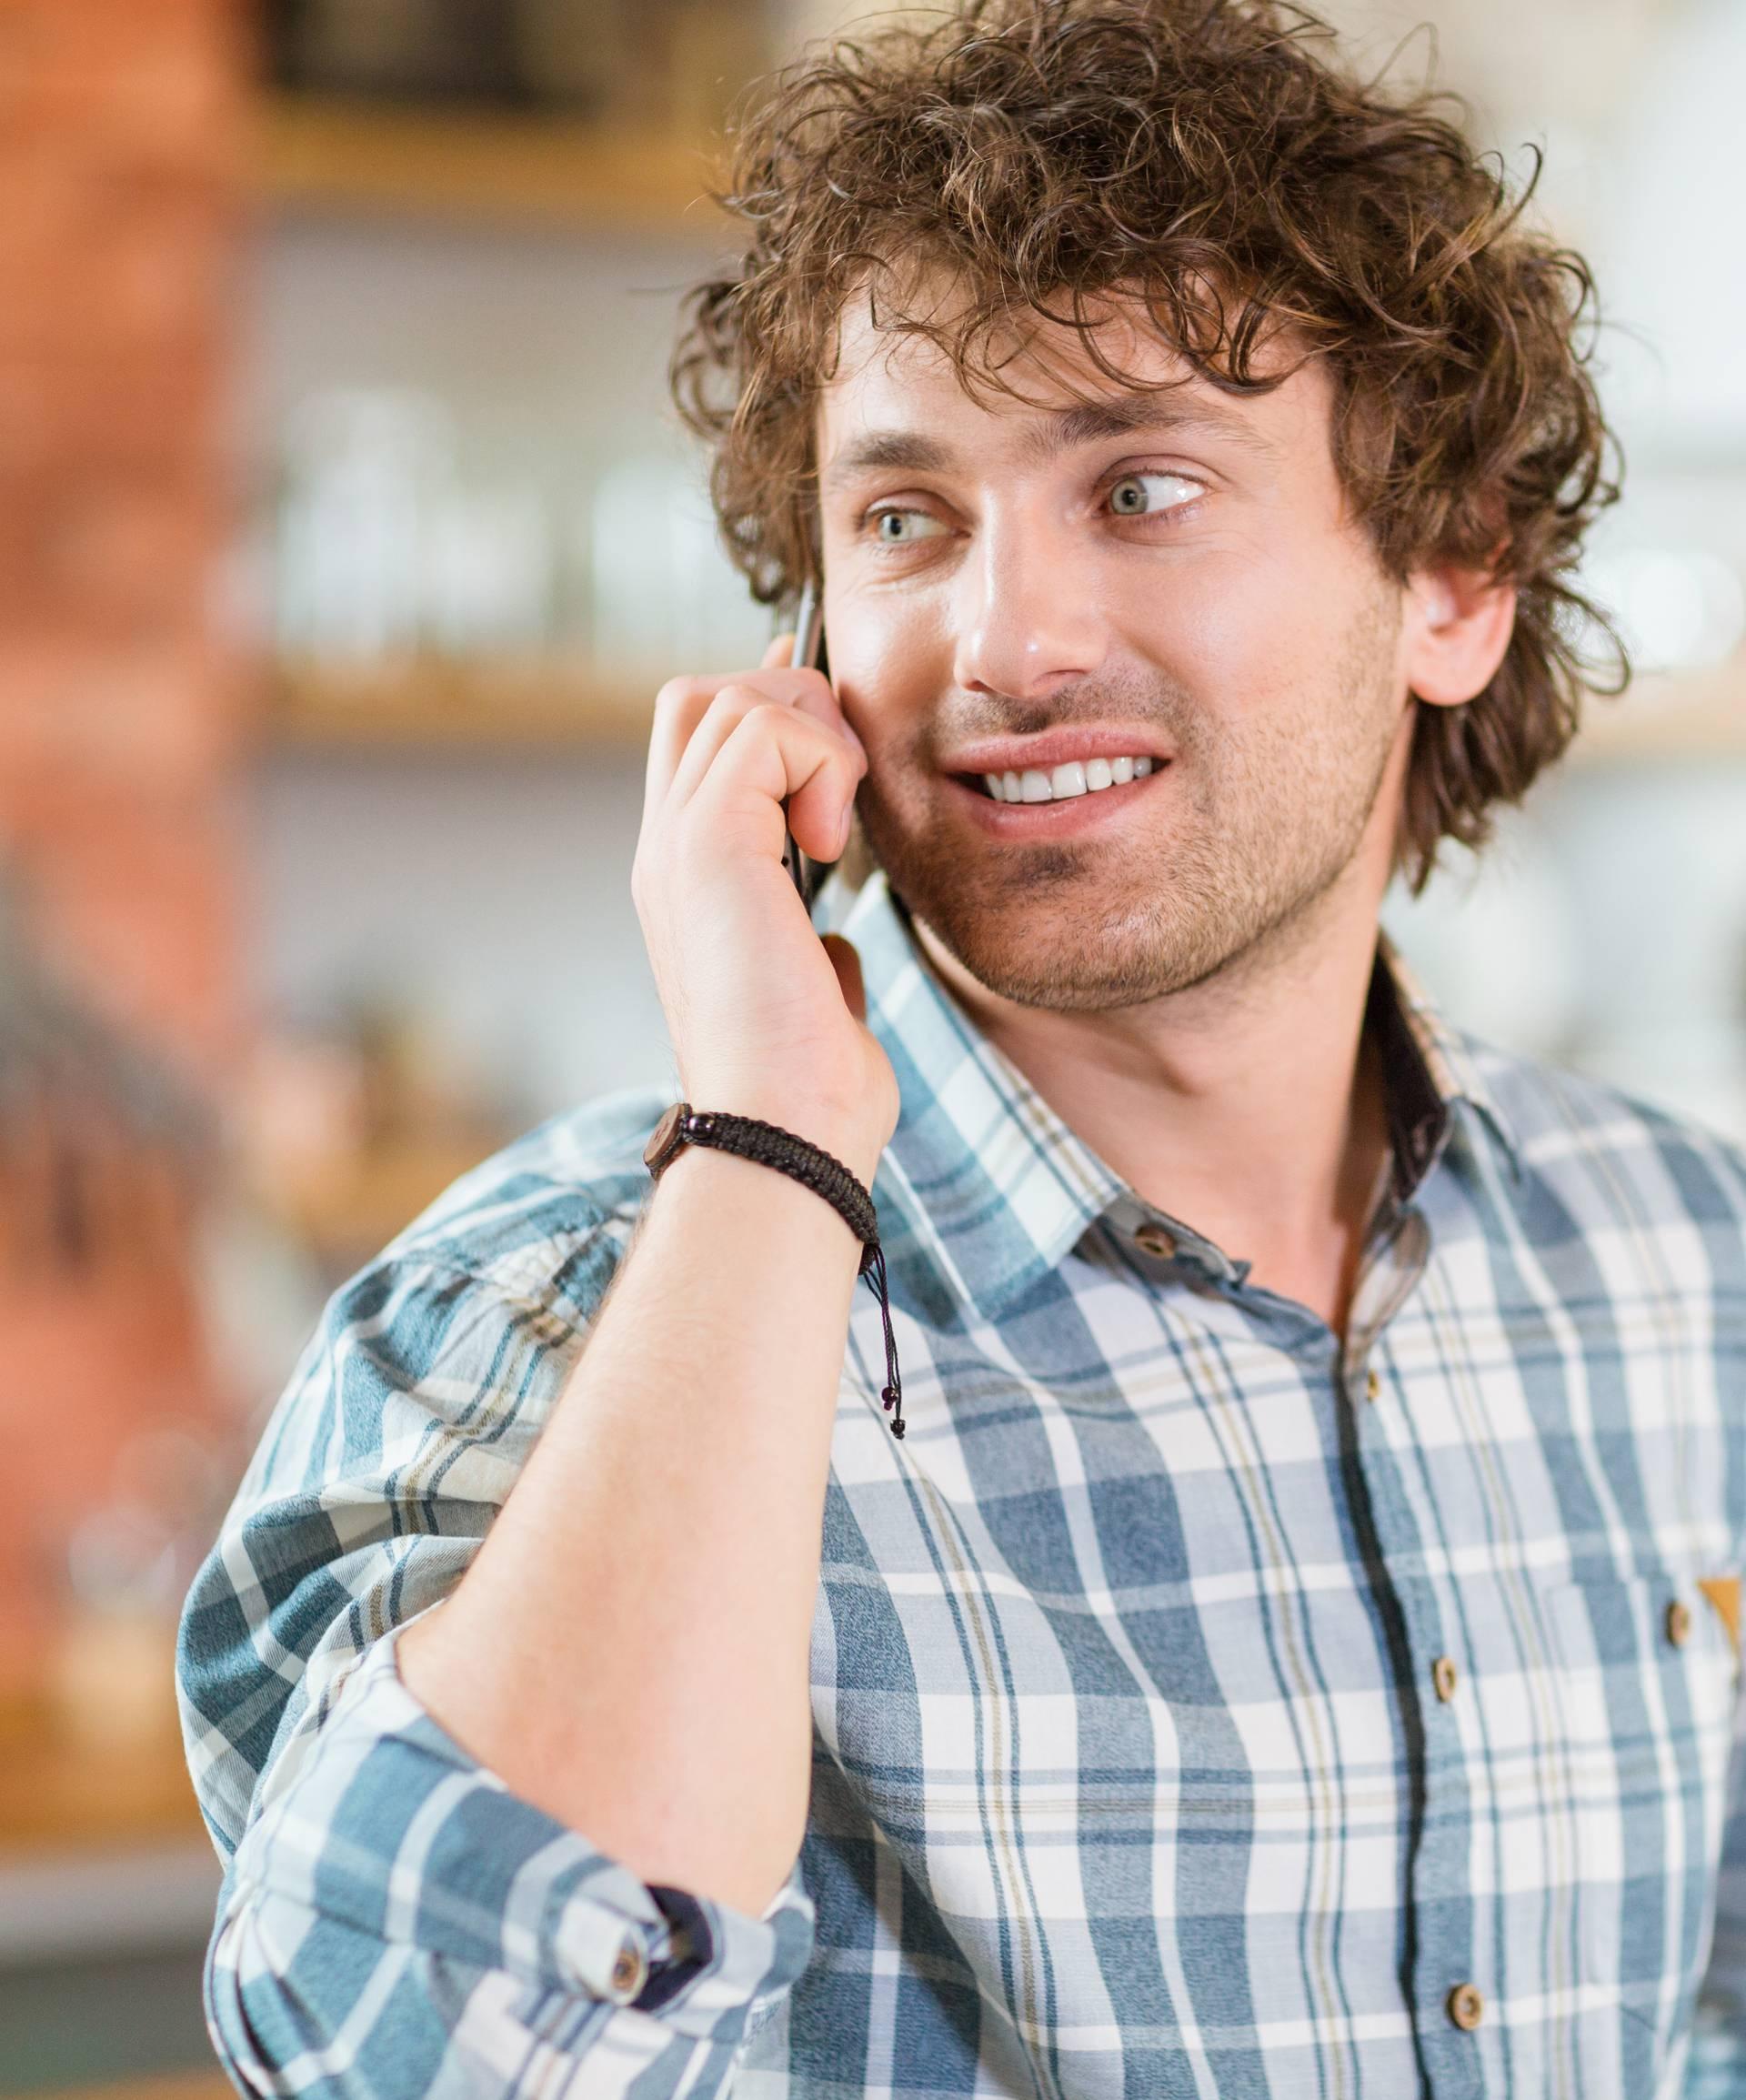 Pričanje na mobitel više od sat na dan kvari kvalitetu sperme